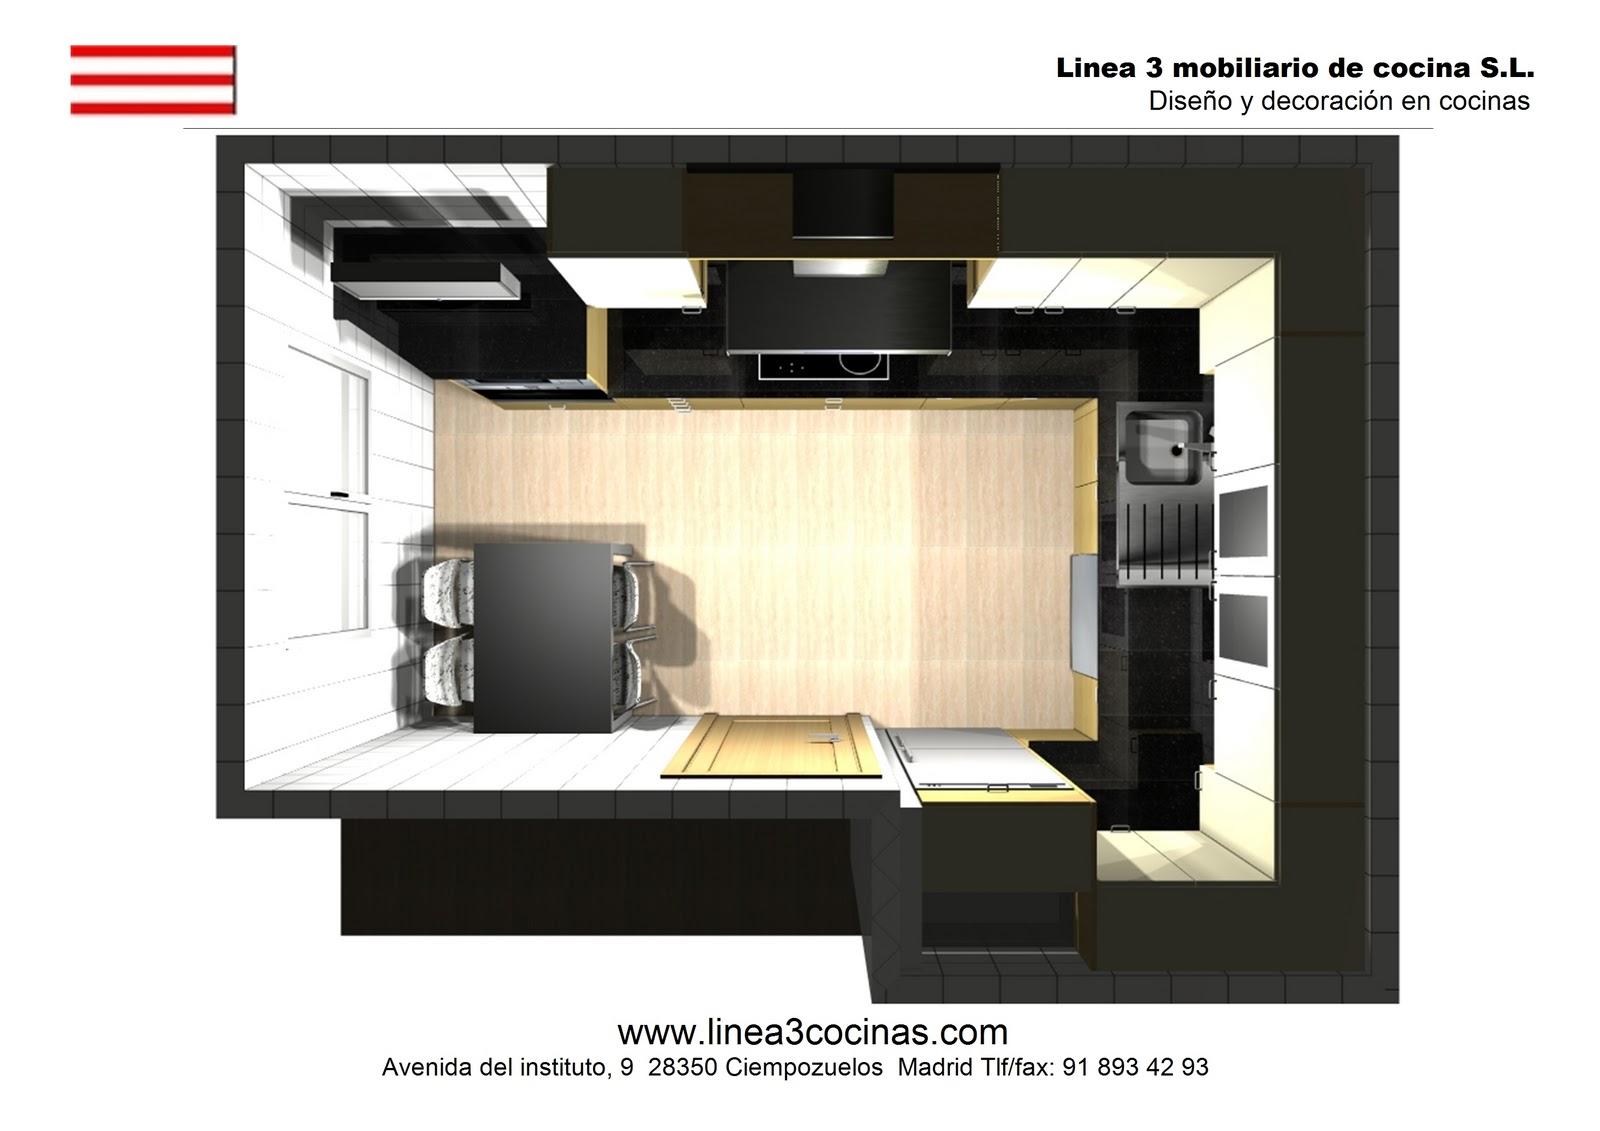 Dise o y decoraci n de cocinas cocina de dise o en for Cocina 3 metros pared